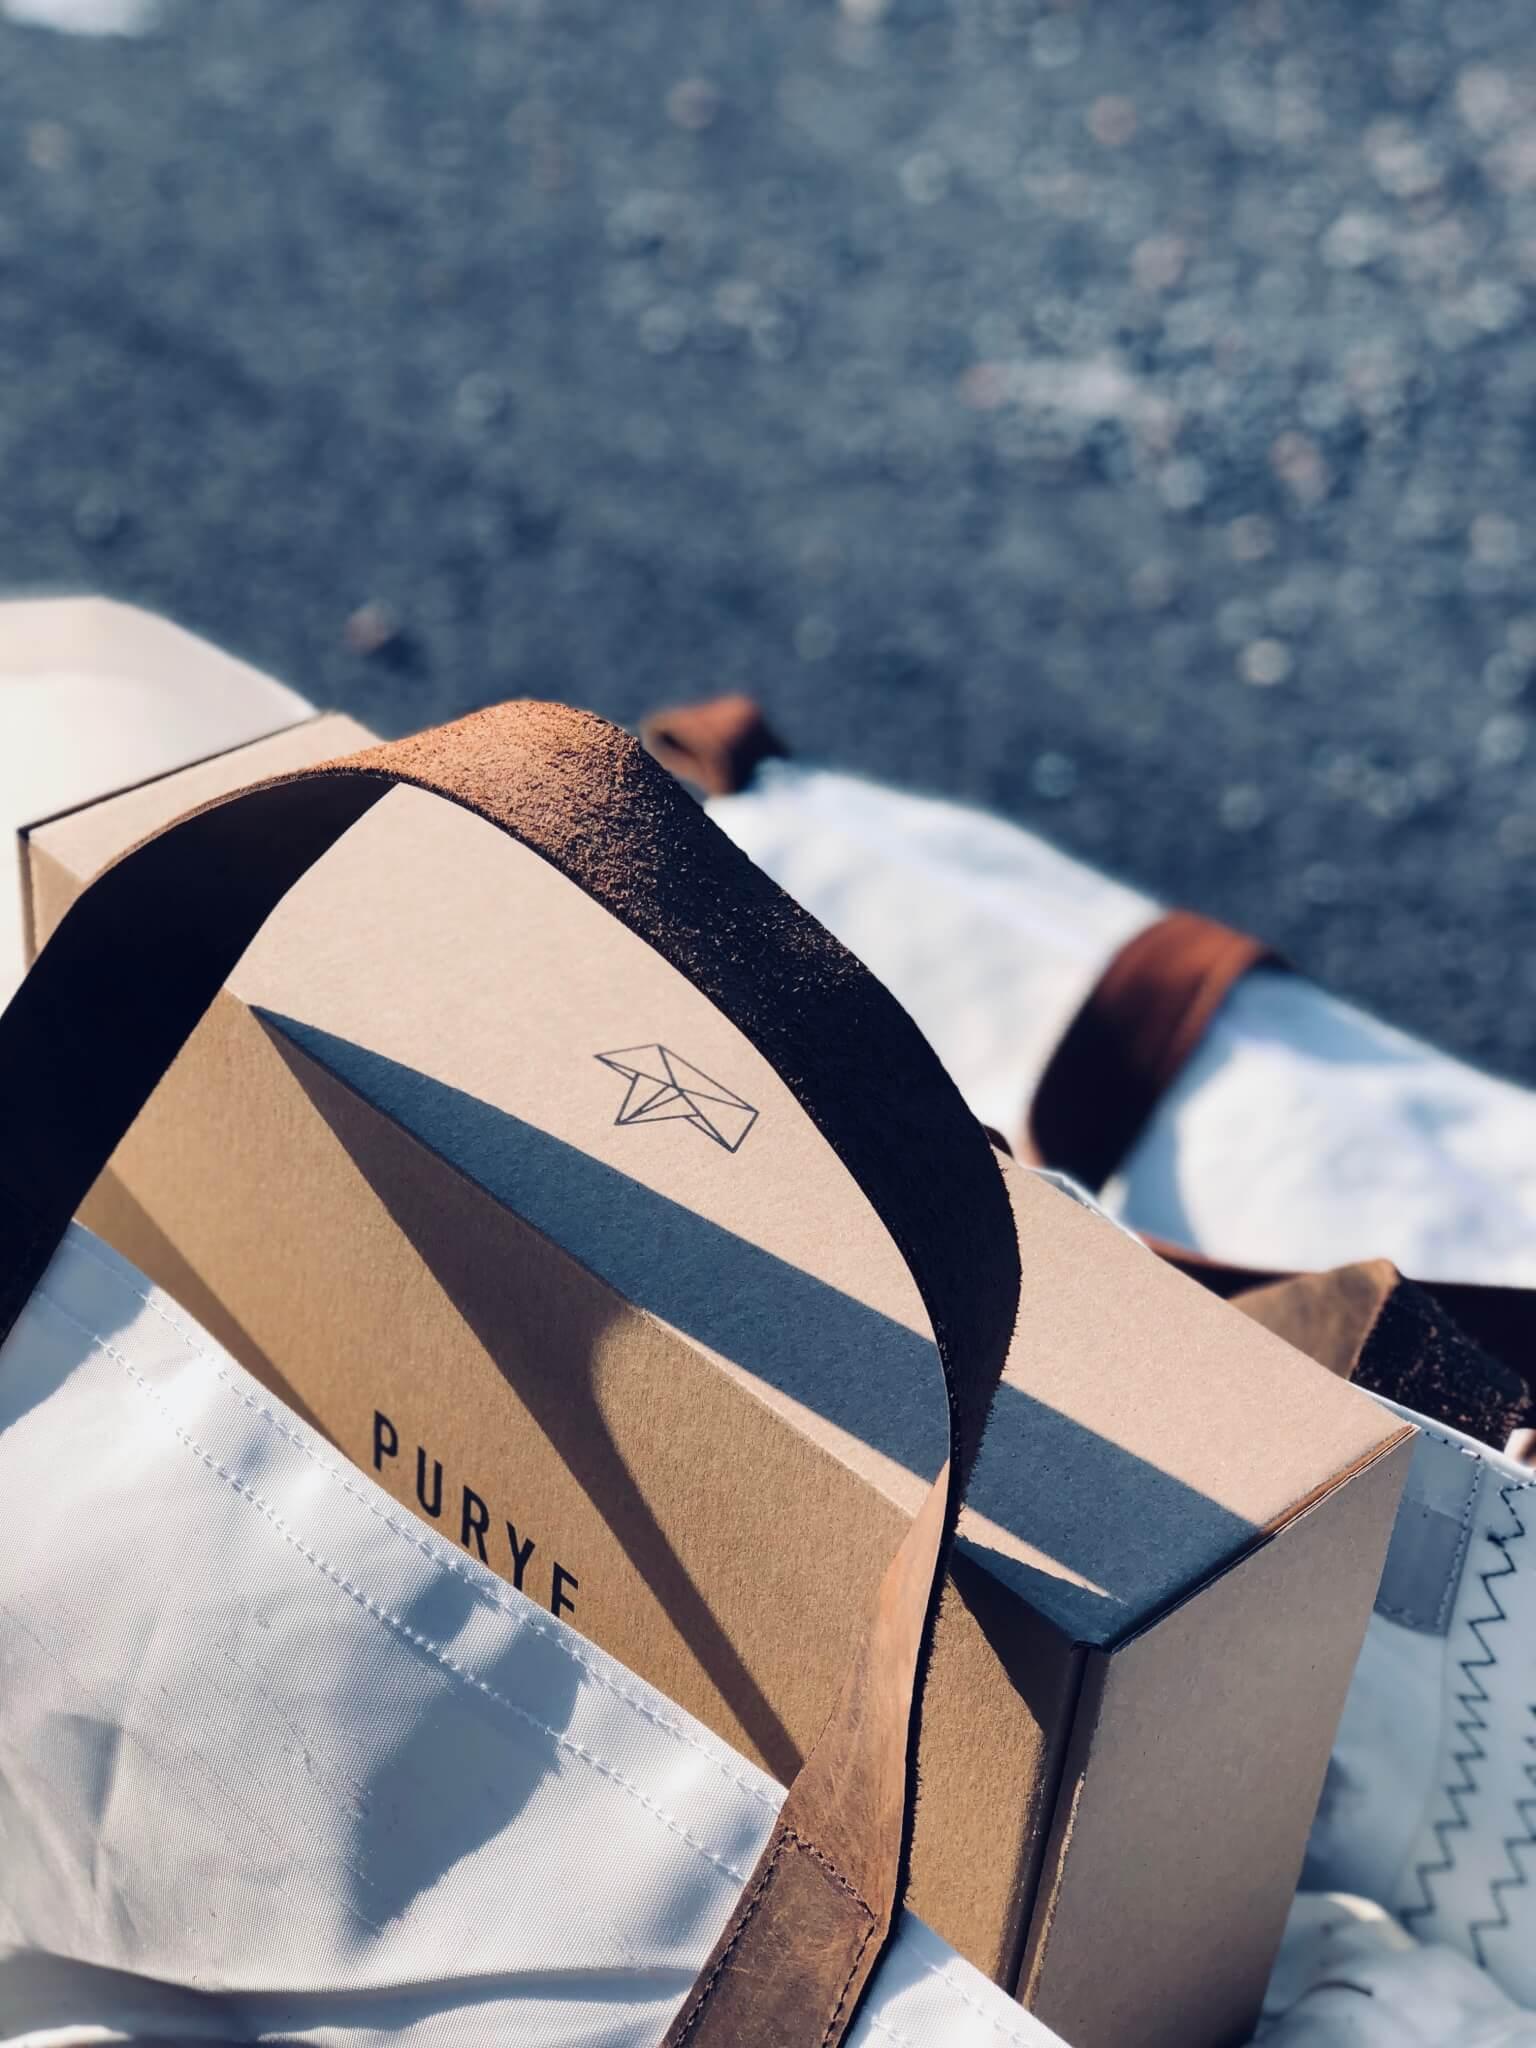 boites de carton de purye clothing